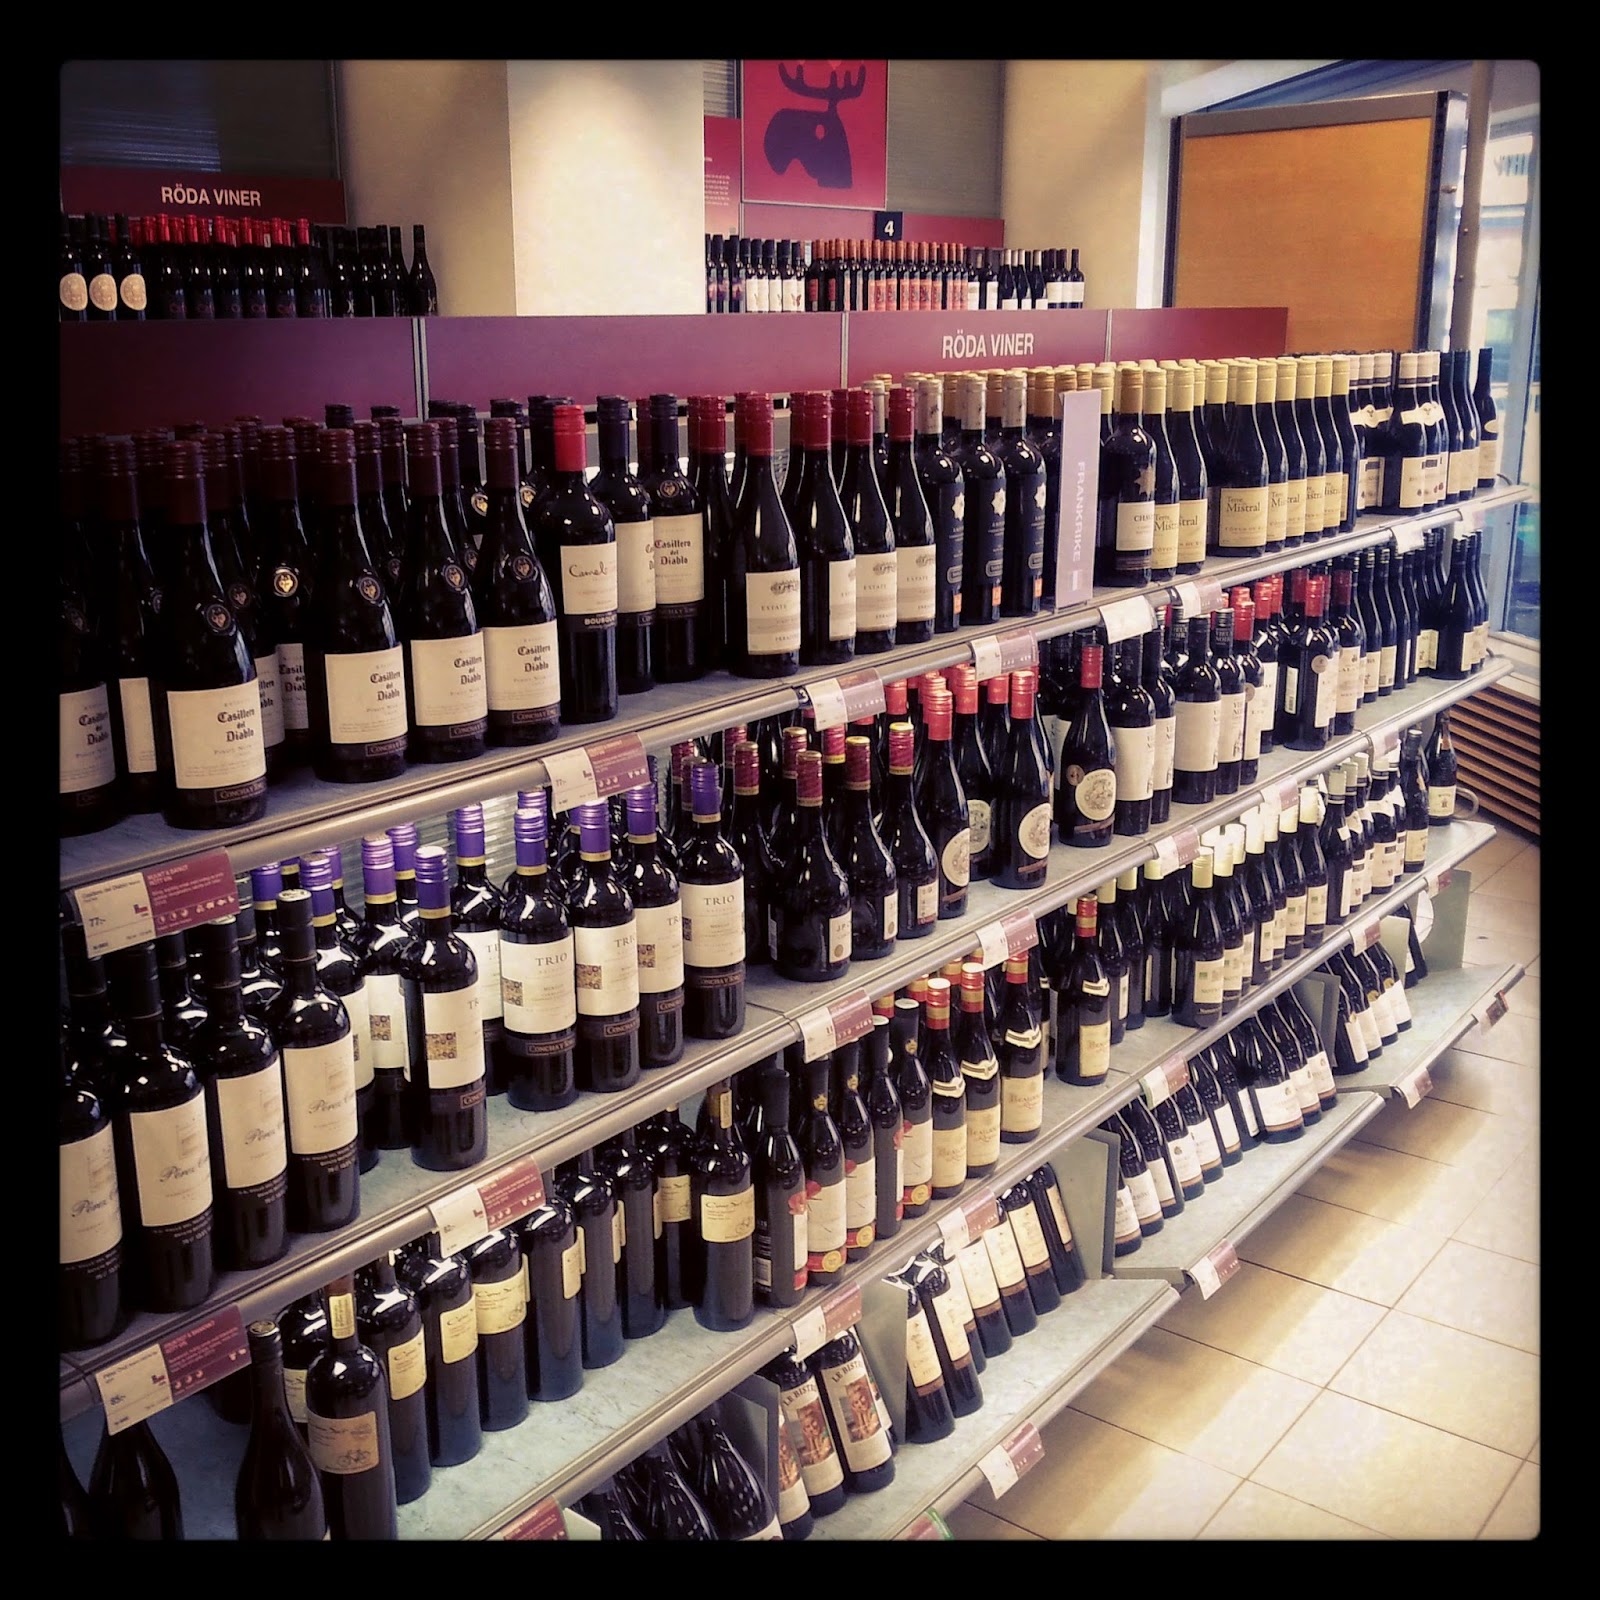 system bolaget aneb jediný obchod s alkoholom